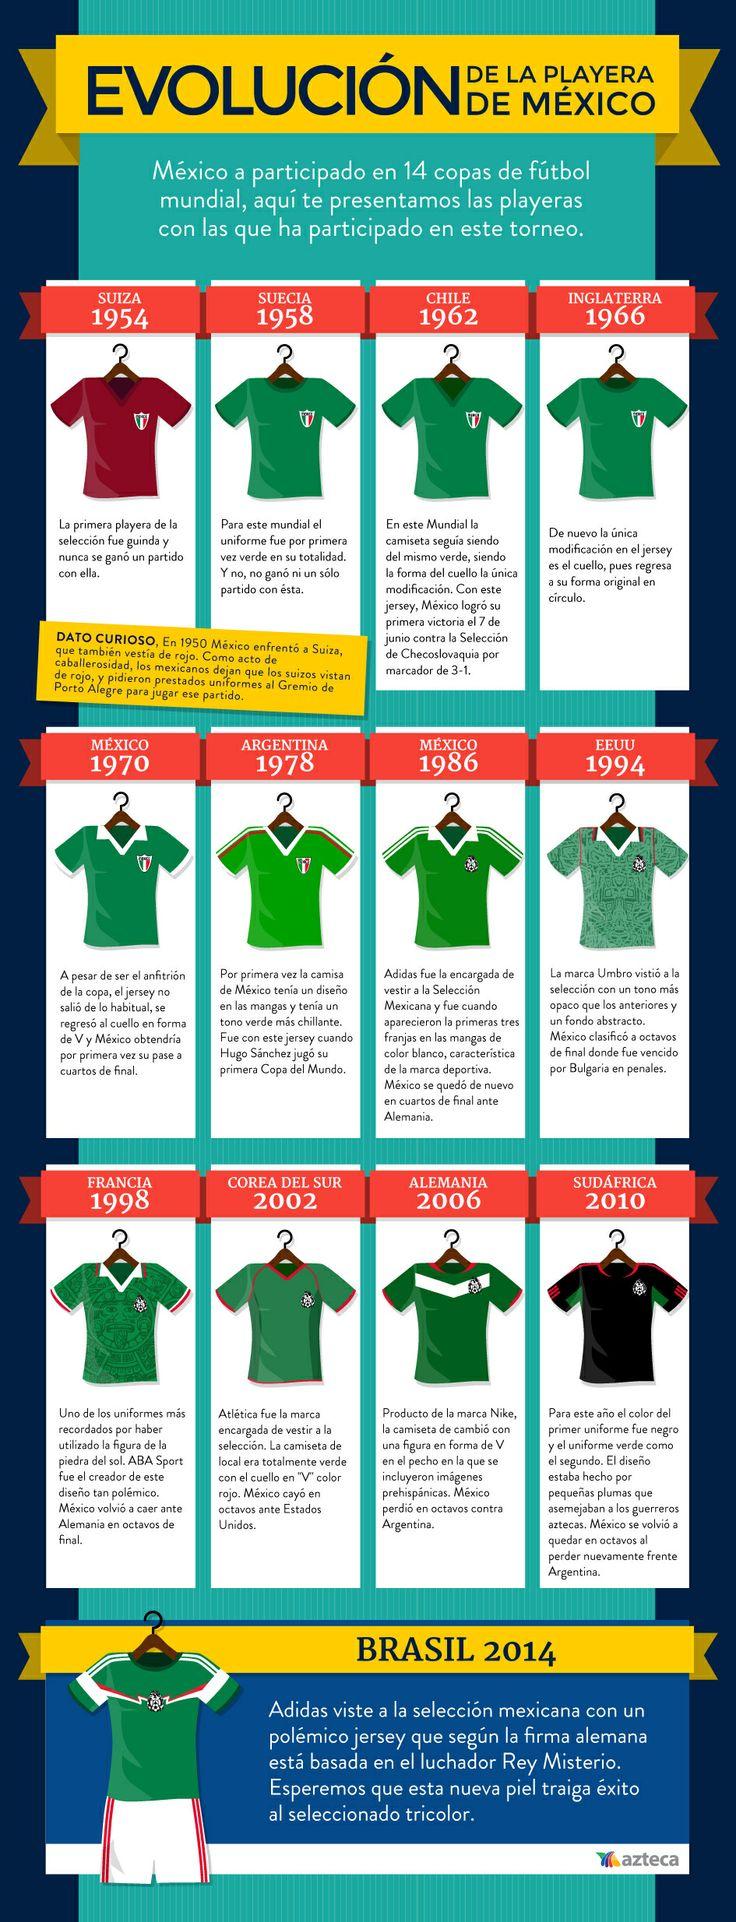 #Infografia #Brasil2014 La evolucion de la playera de la selección mexicana- #TAVnews